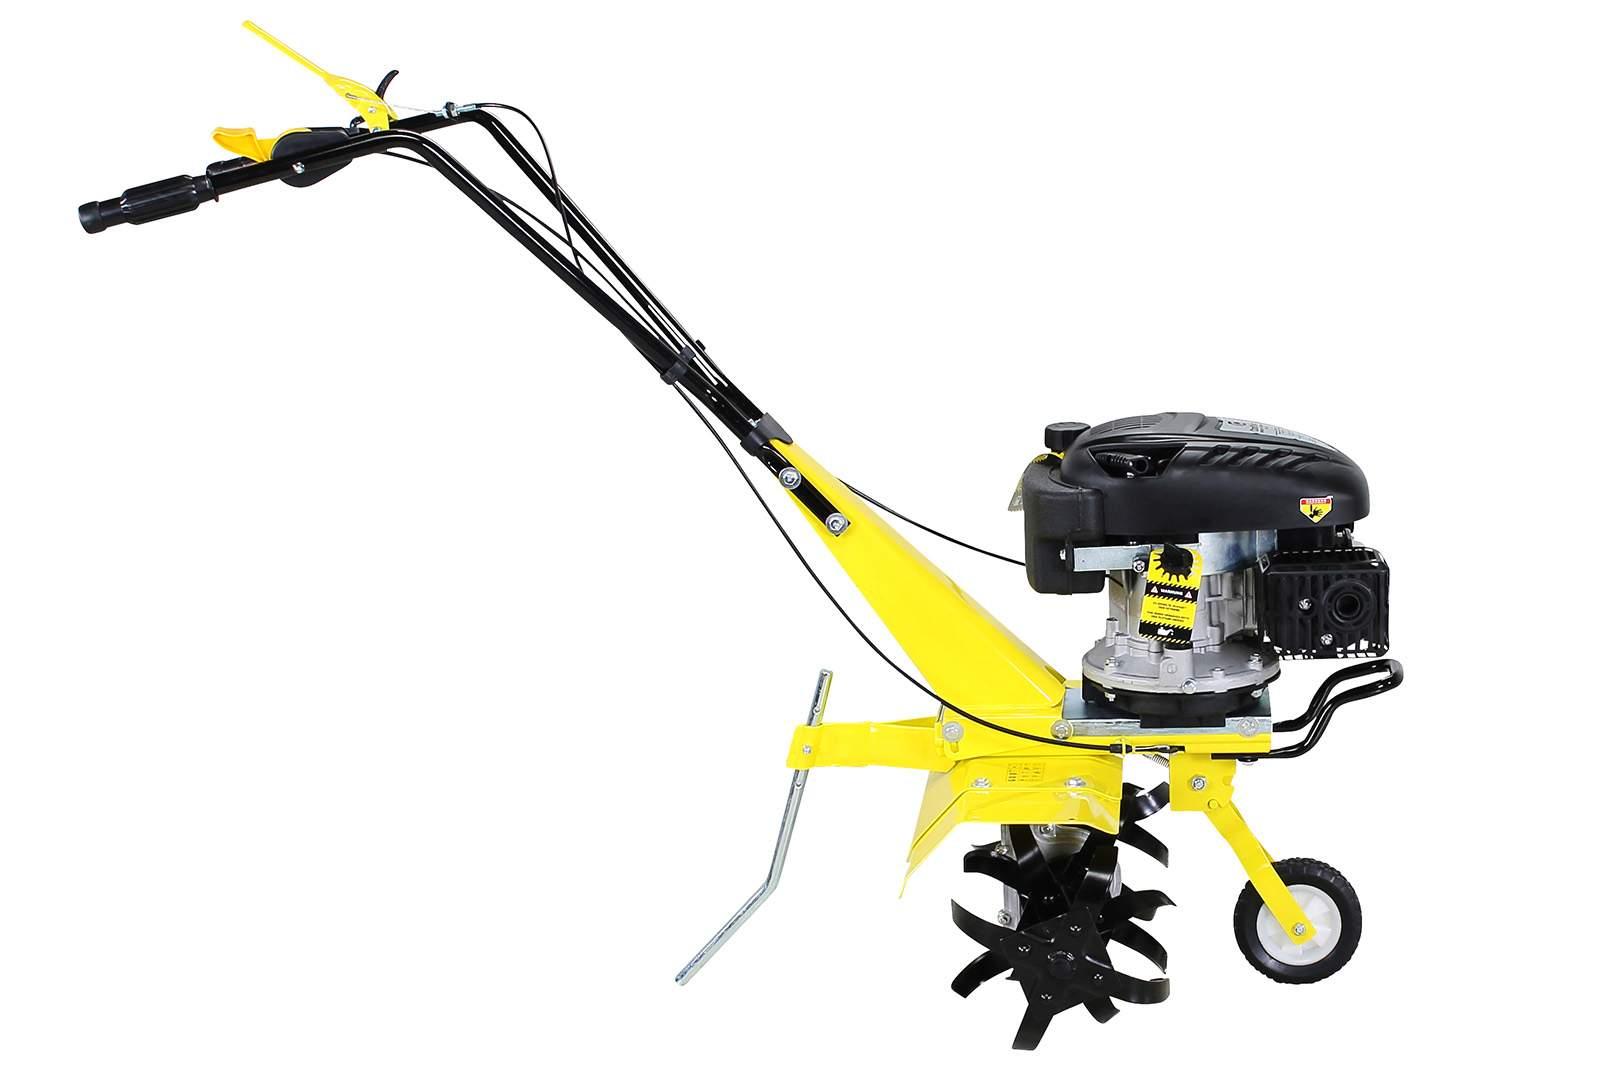 Miweba Gartenfraese 139 cc Schwarz Gelb D3031 seite rechts OL 1620x1080